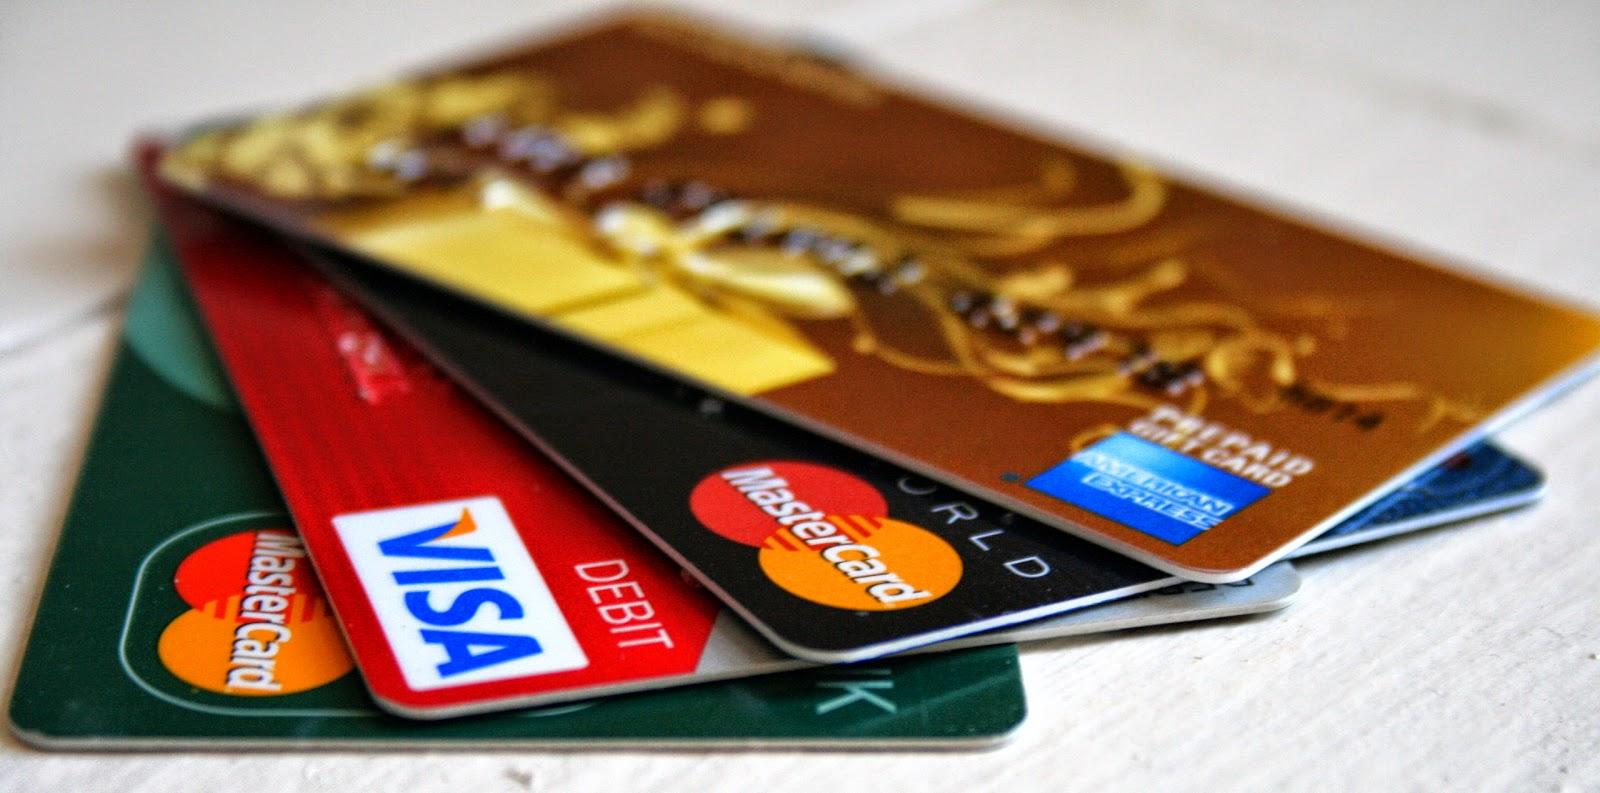 Carte di credito e bancomat: nuovo regolamento con regole più trasparenti - InvestireOggi.it